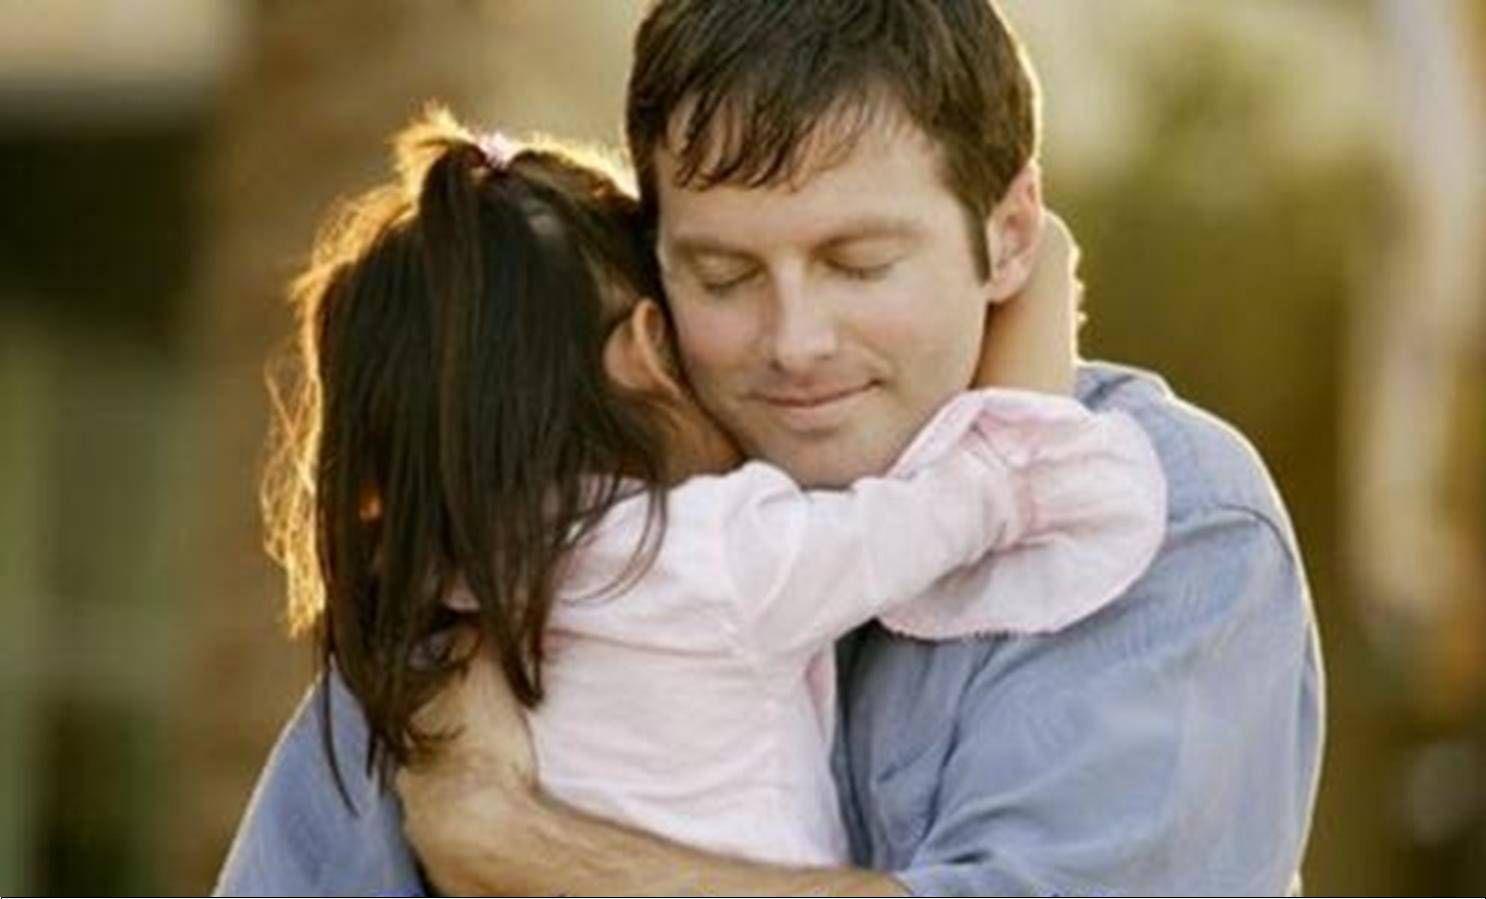 Hình ảnh cha ôm con gái rất hạnh phúc